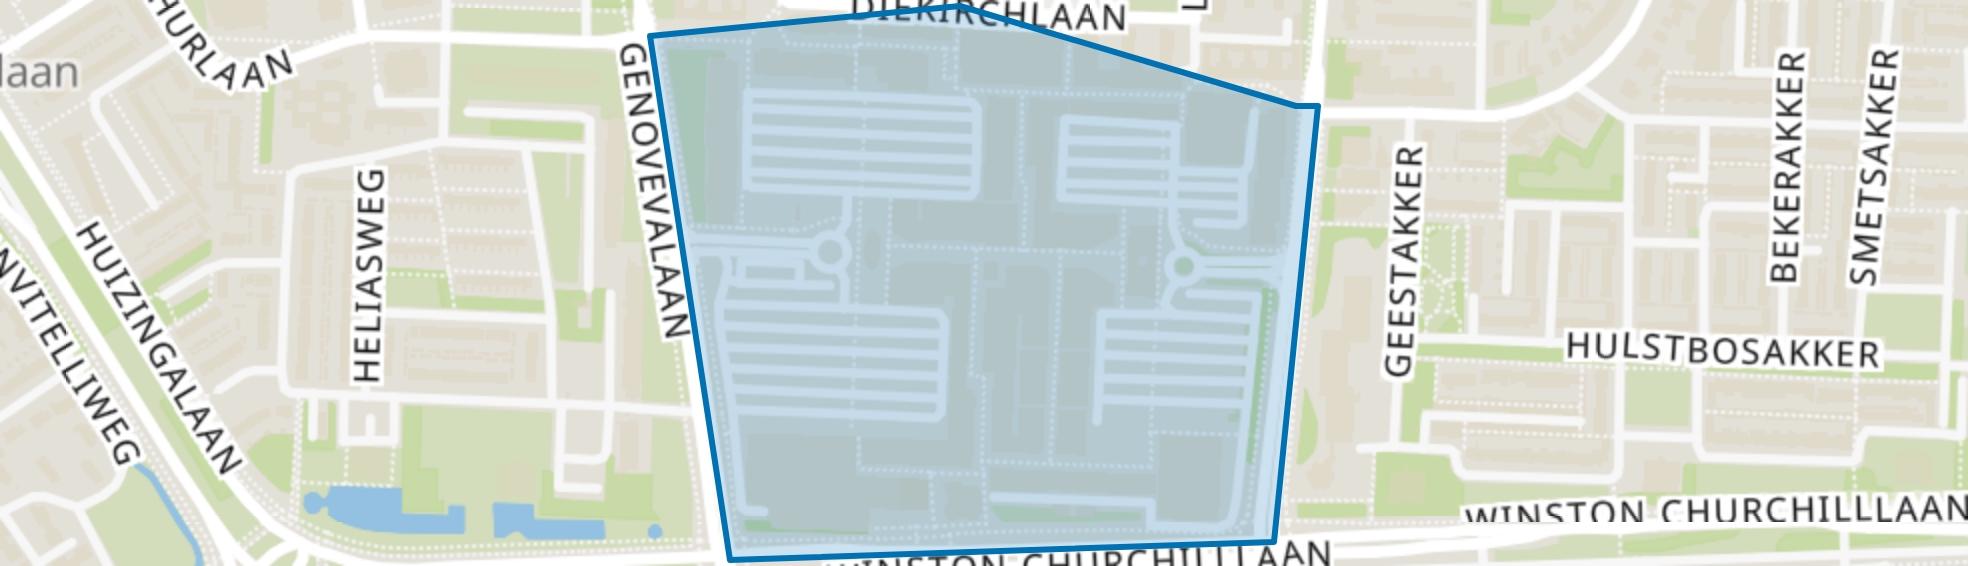 Winkelcentrum, Eindhoven map